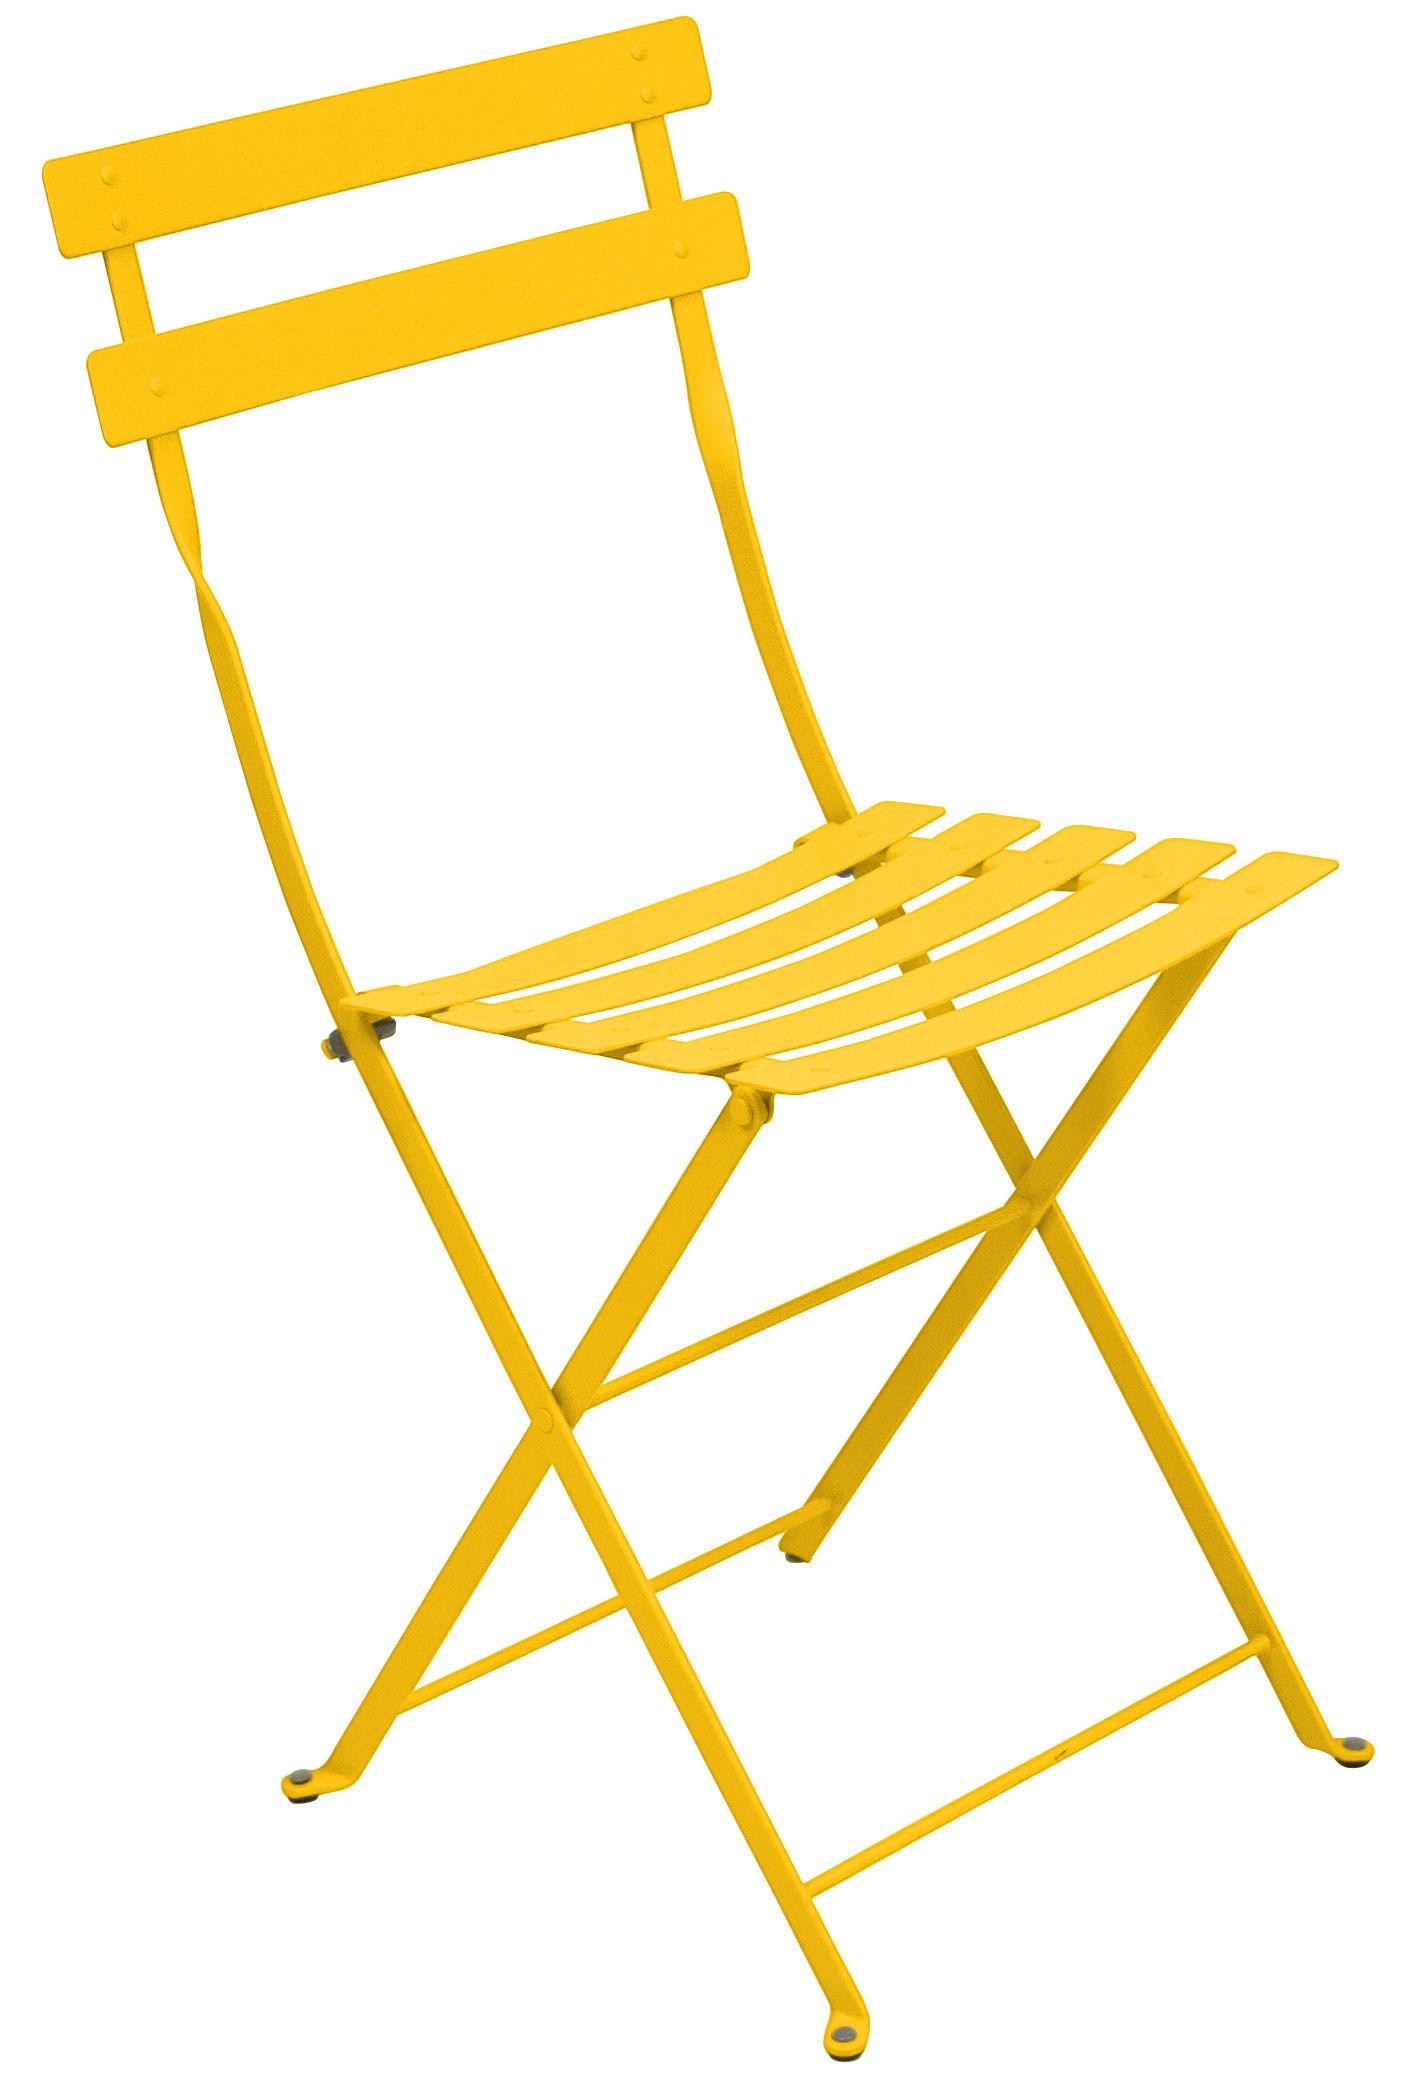 Möbel - Stühle  - Bistro Klappstuhl - Fermob - Honig - lackierter Stahl